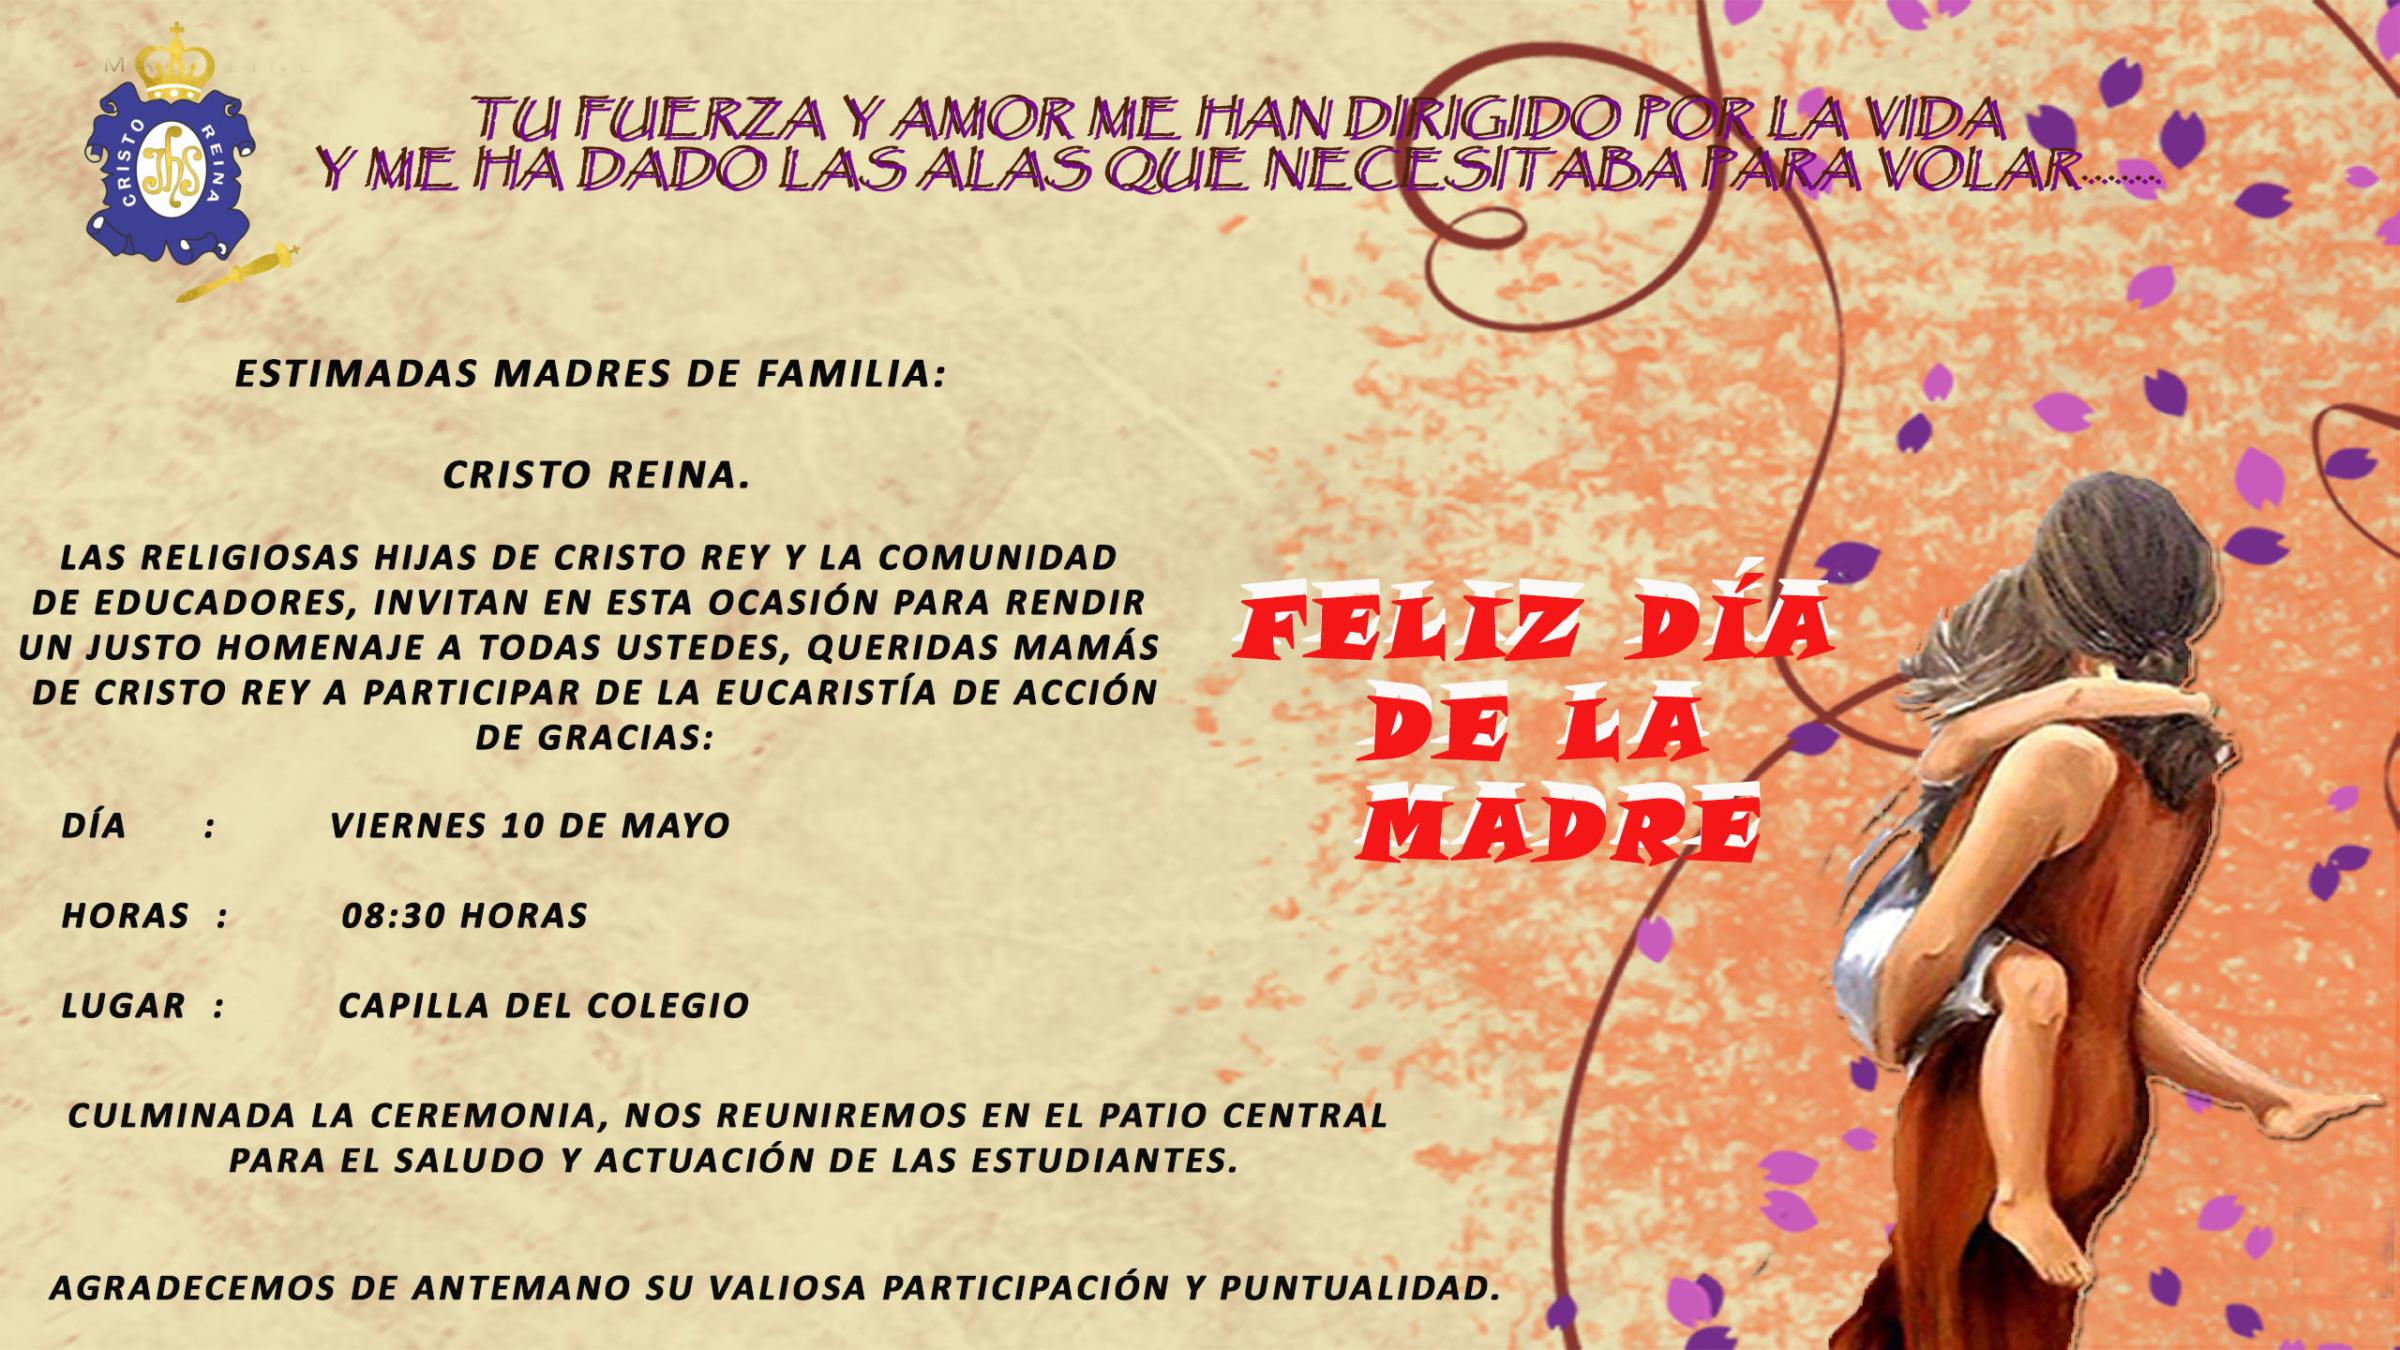 Invitación A Celebración Día De La Madre: INVITACIÓN – CELEBRACIÓN DÍA DE LA MADRE